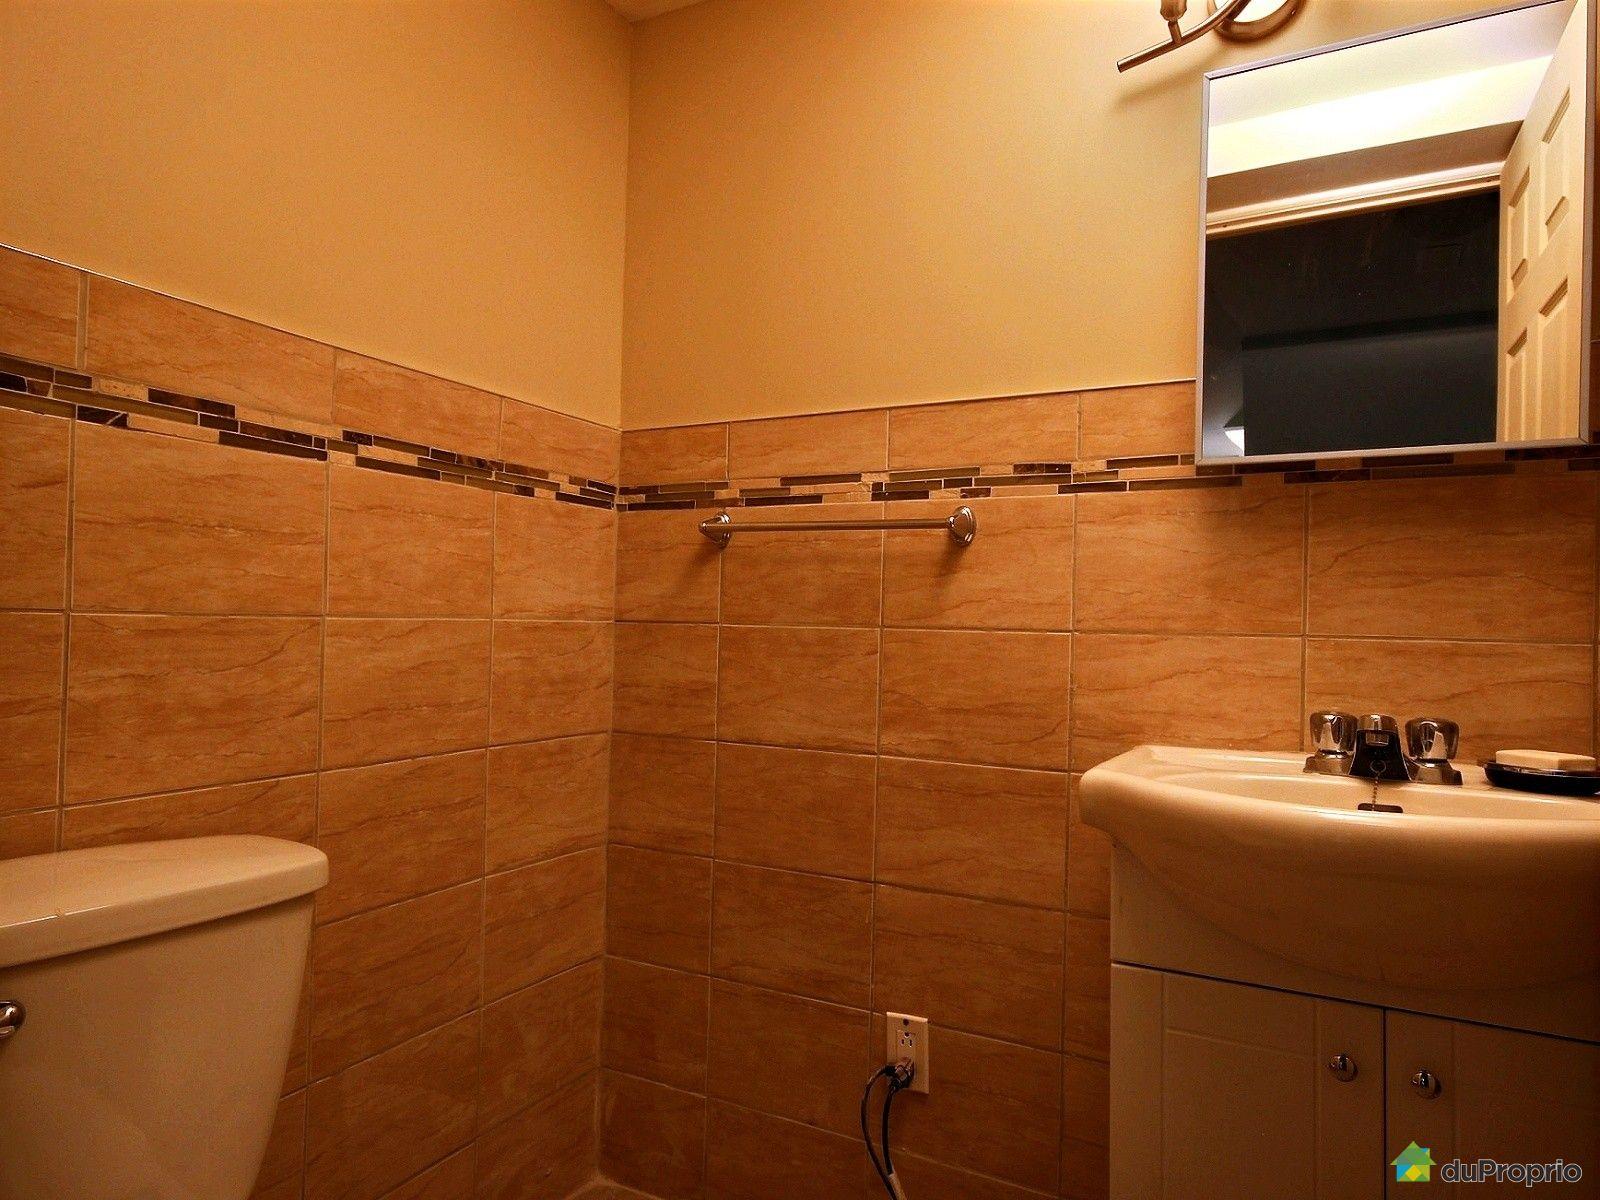 Jumel vendu vaudreuil dorion immobilier qu bec for Salle de bain sous sol